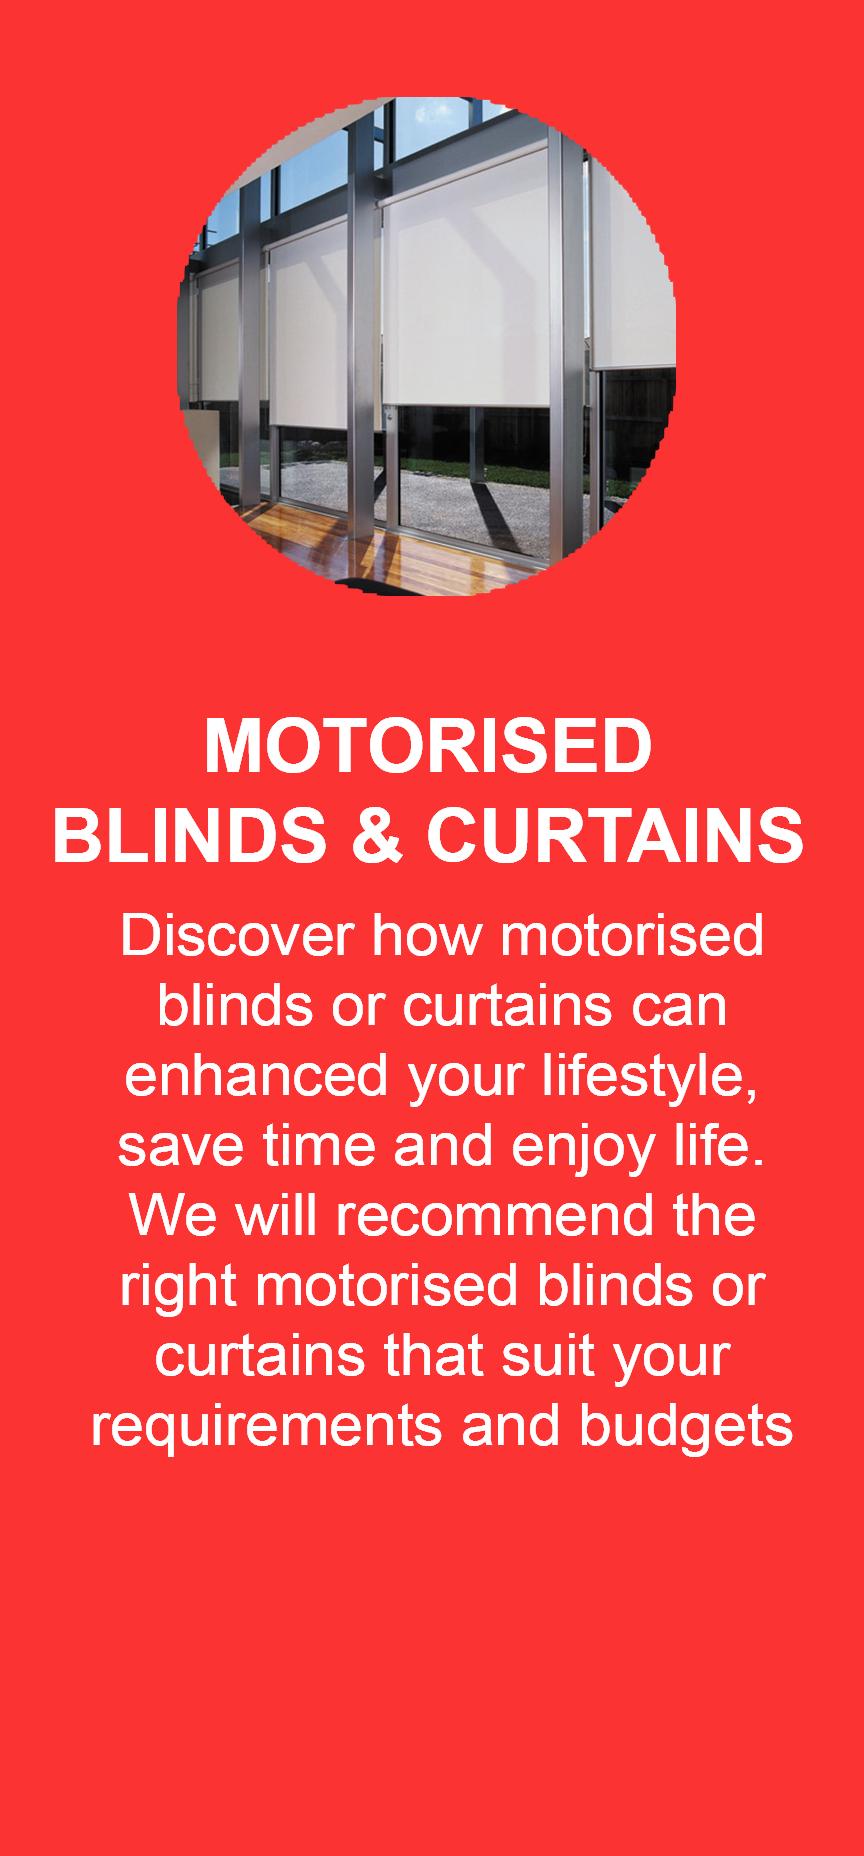 Motorised Blinds